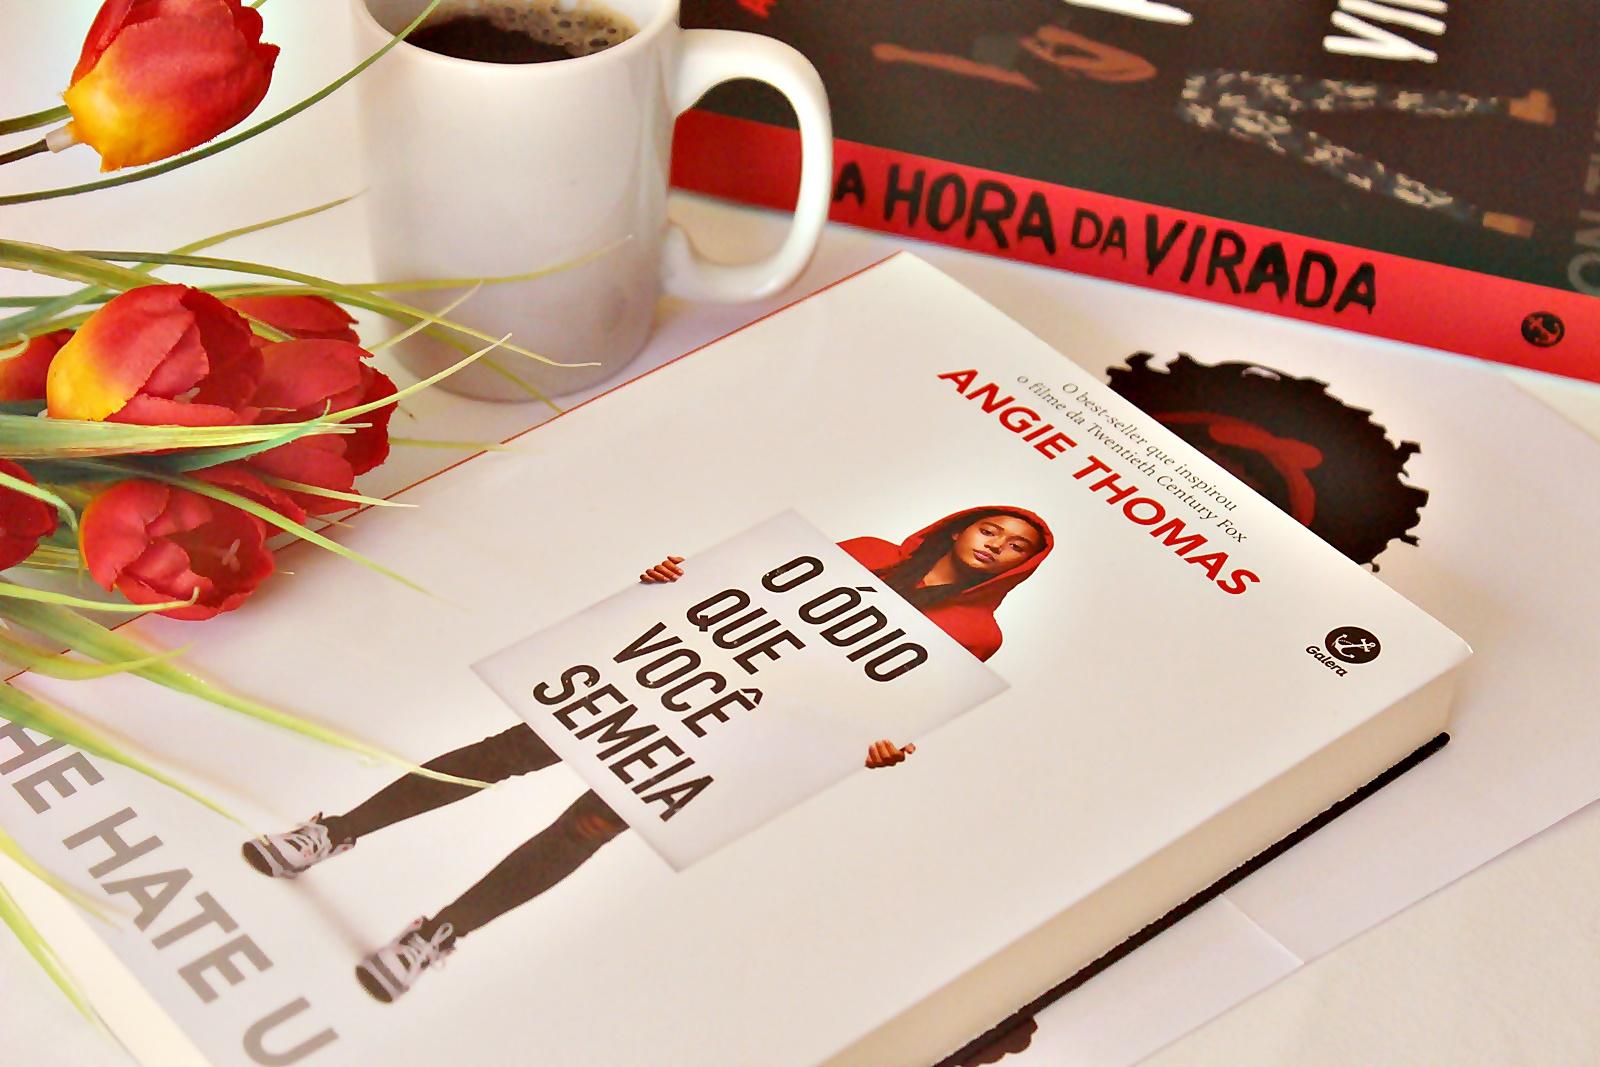 Fotografia do livro O ódio que você semeia, em formato brochura e com a capa na cor branca com a atriz Amandla Stenberg na capa, segurando um cartaz com o título do livro. Amanda é uma mulher negra, com cabelos pretos e longos, ela veste um moletom vermelho, uma calça escura e tênis brancos. Ao lado do livro, há uma xícara de café e flores vermelhas ao lado; é possível ver a lombada de outro livro, com o título A Hora da Virada.